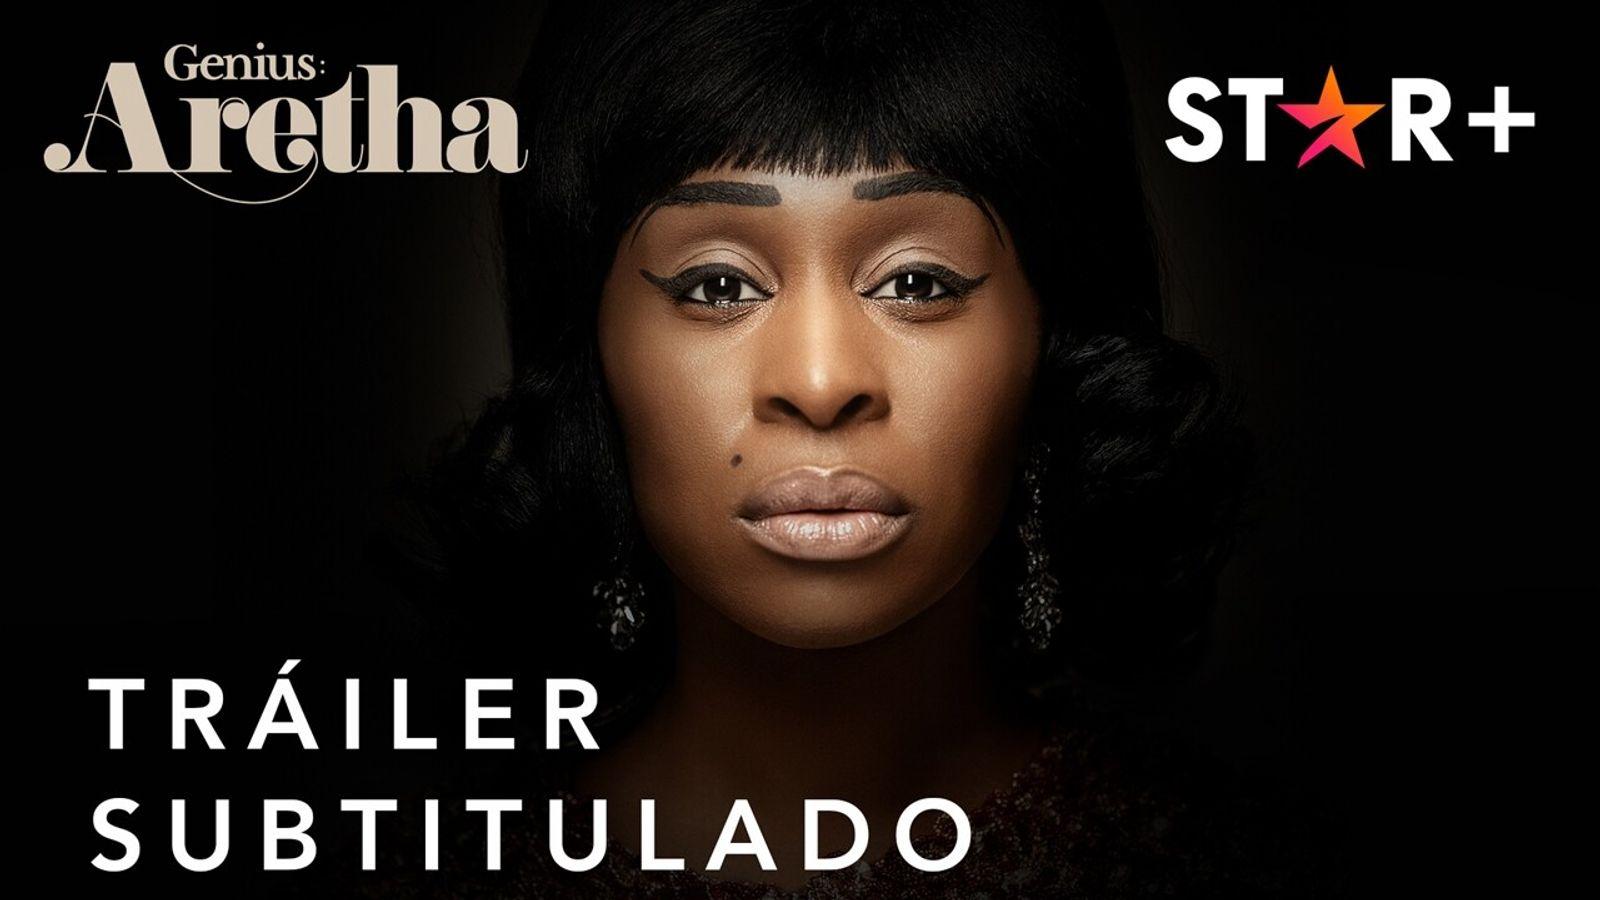 Tráiler Subtitulado   Genius: Aretha   Star+